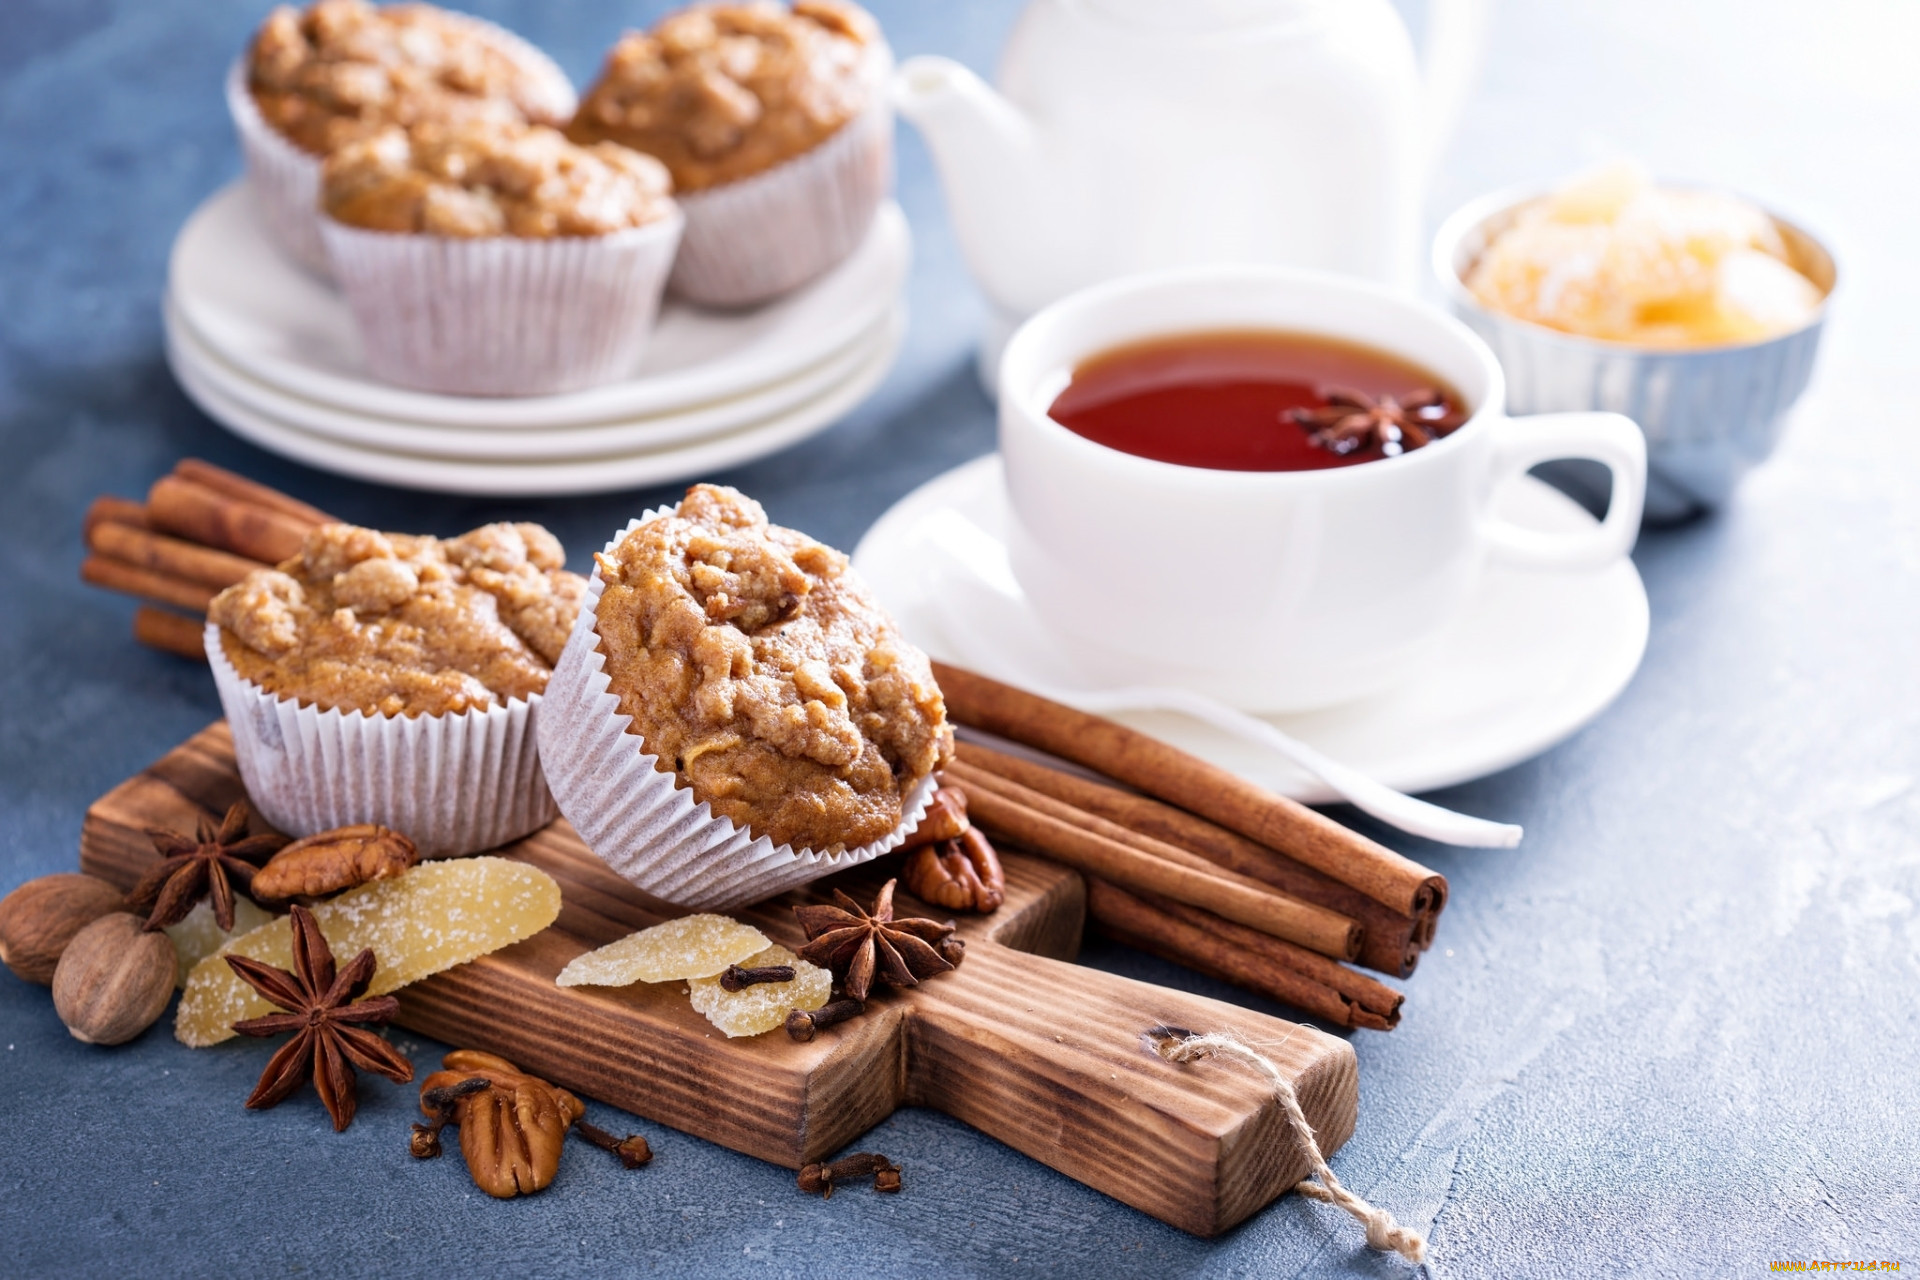 красивая картинка с чаем и печеньки тогда